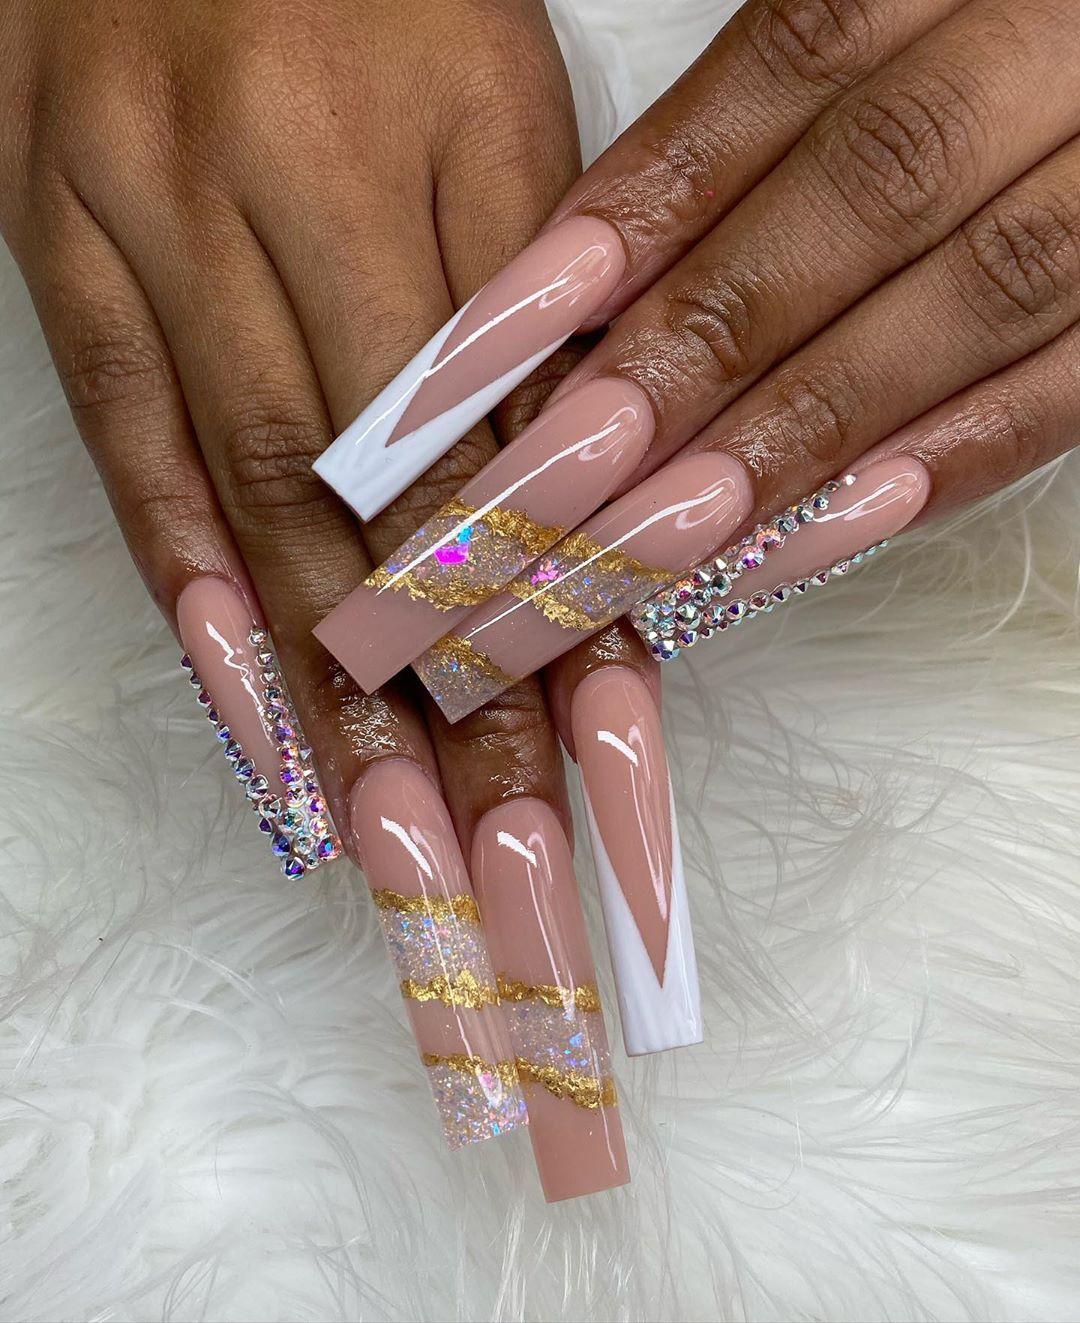 """Byanka rea💁🏻✨ on Instagram: """"Birthday Nails 97 ✨ @nailsbybyanka • • #nailsbybyanka #teamnailsbybyanka #acrylicnails #nailsofinstagram #nailsnailsnails #nails2inpire…"""""""